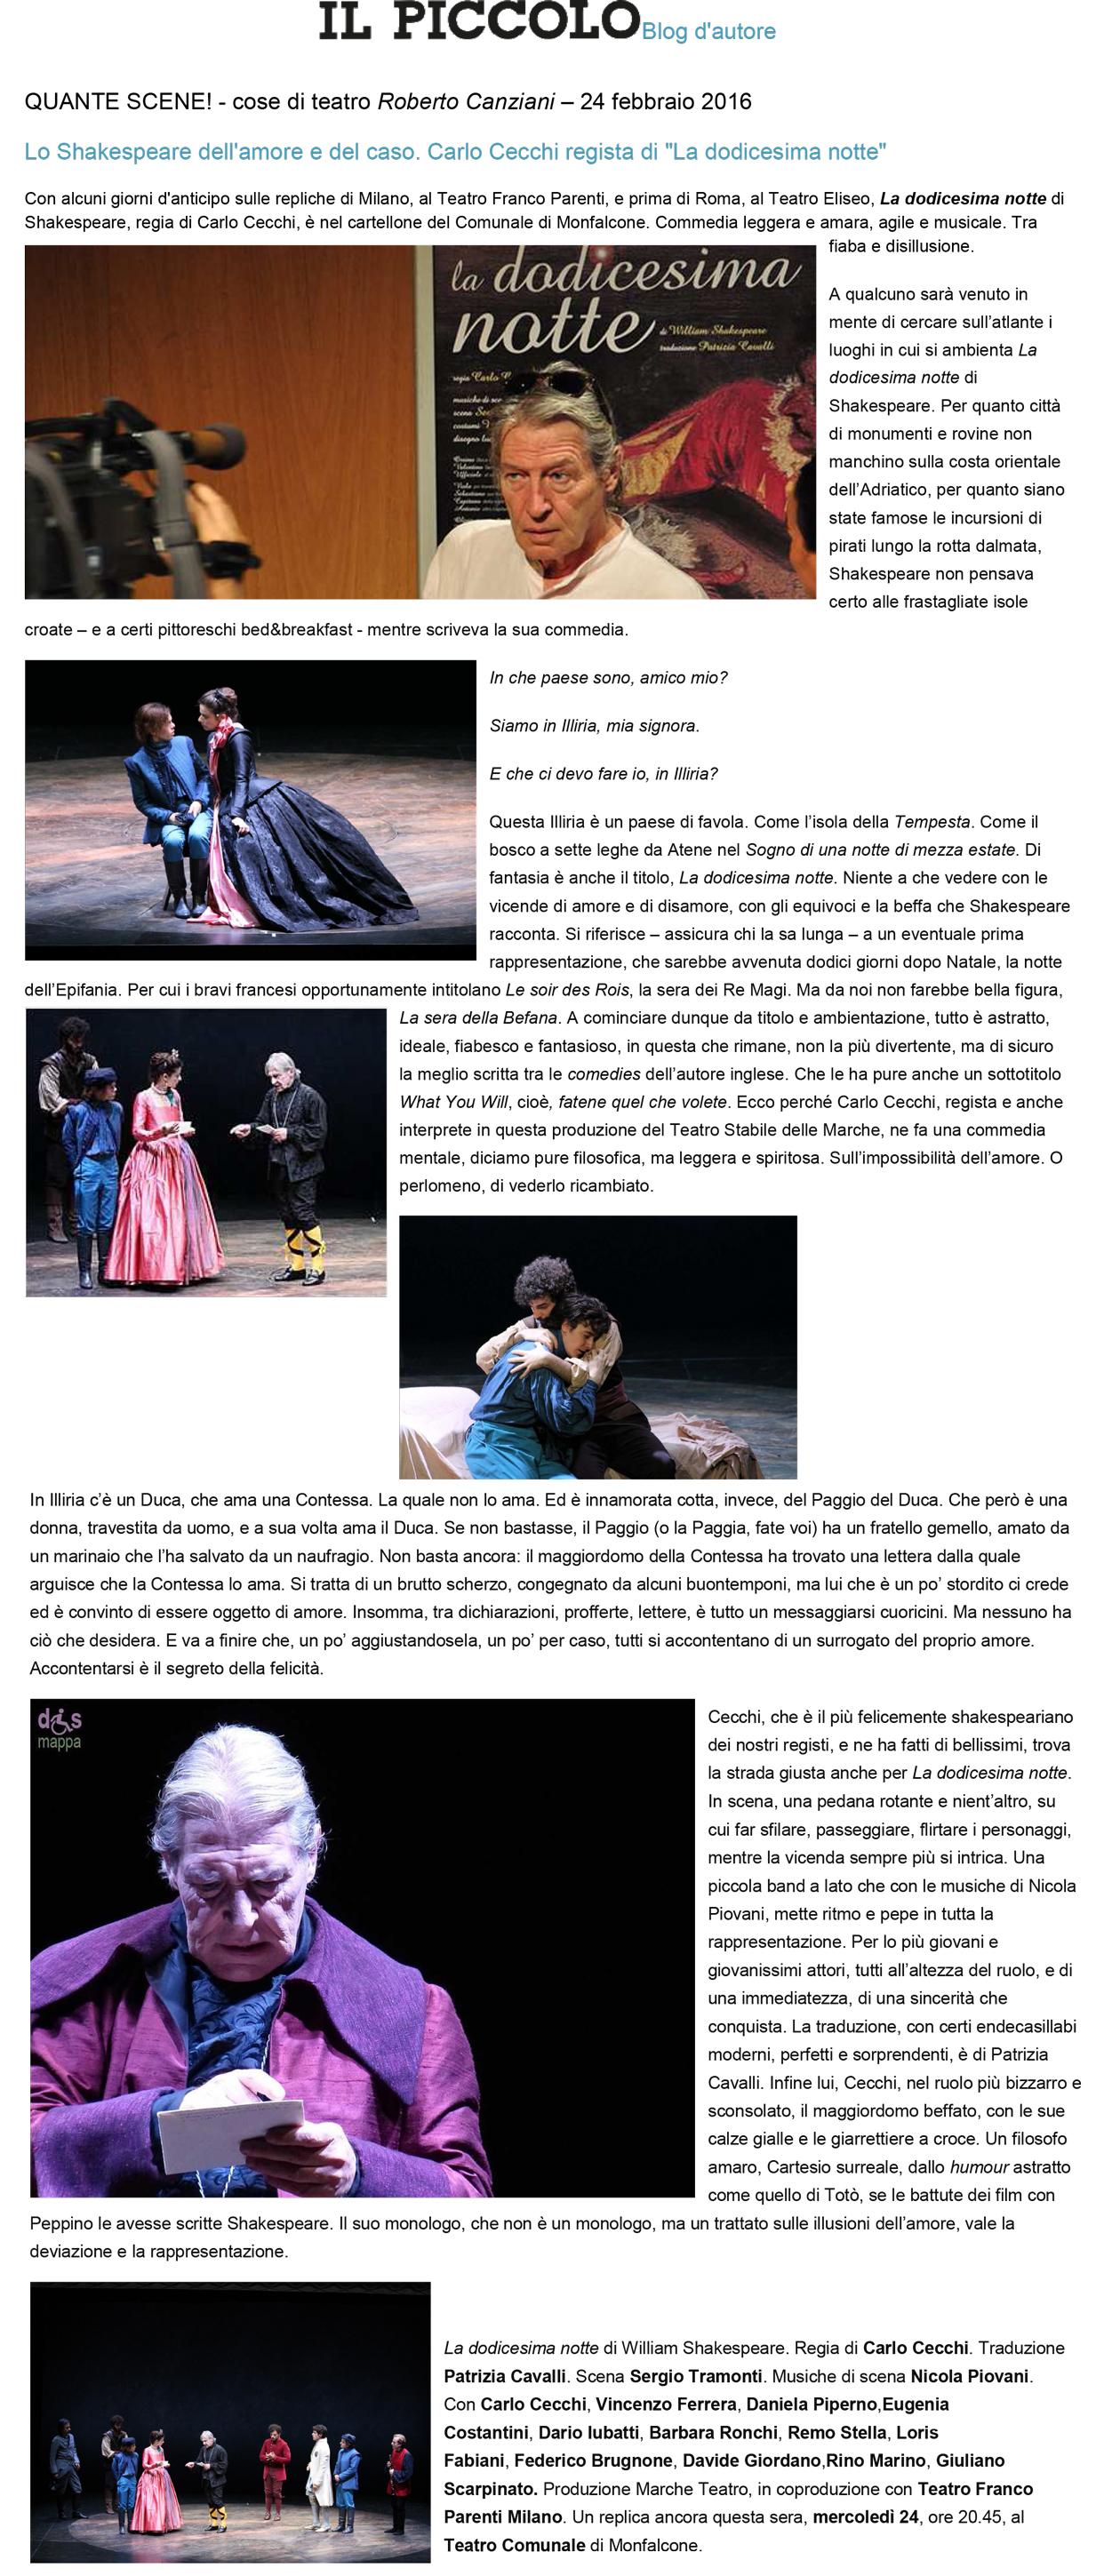 2016.02.24-Lo-Shakespeare-dell'amore-e-del-caso---ilpiccolo_blog